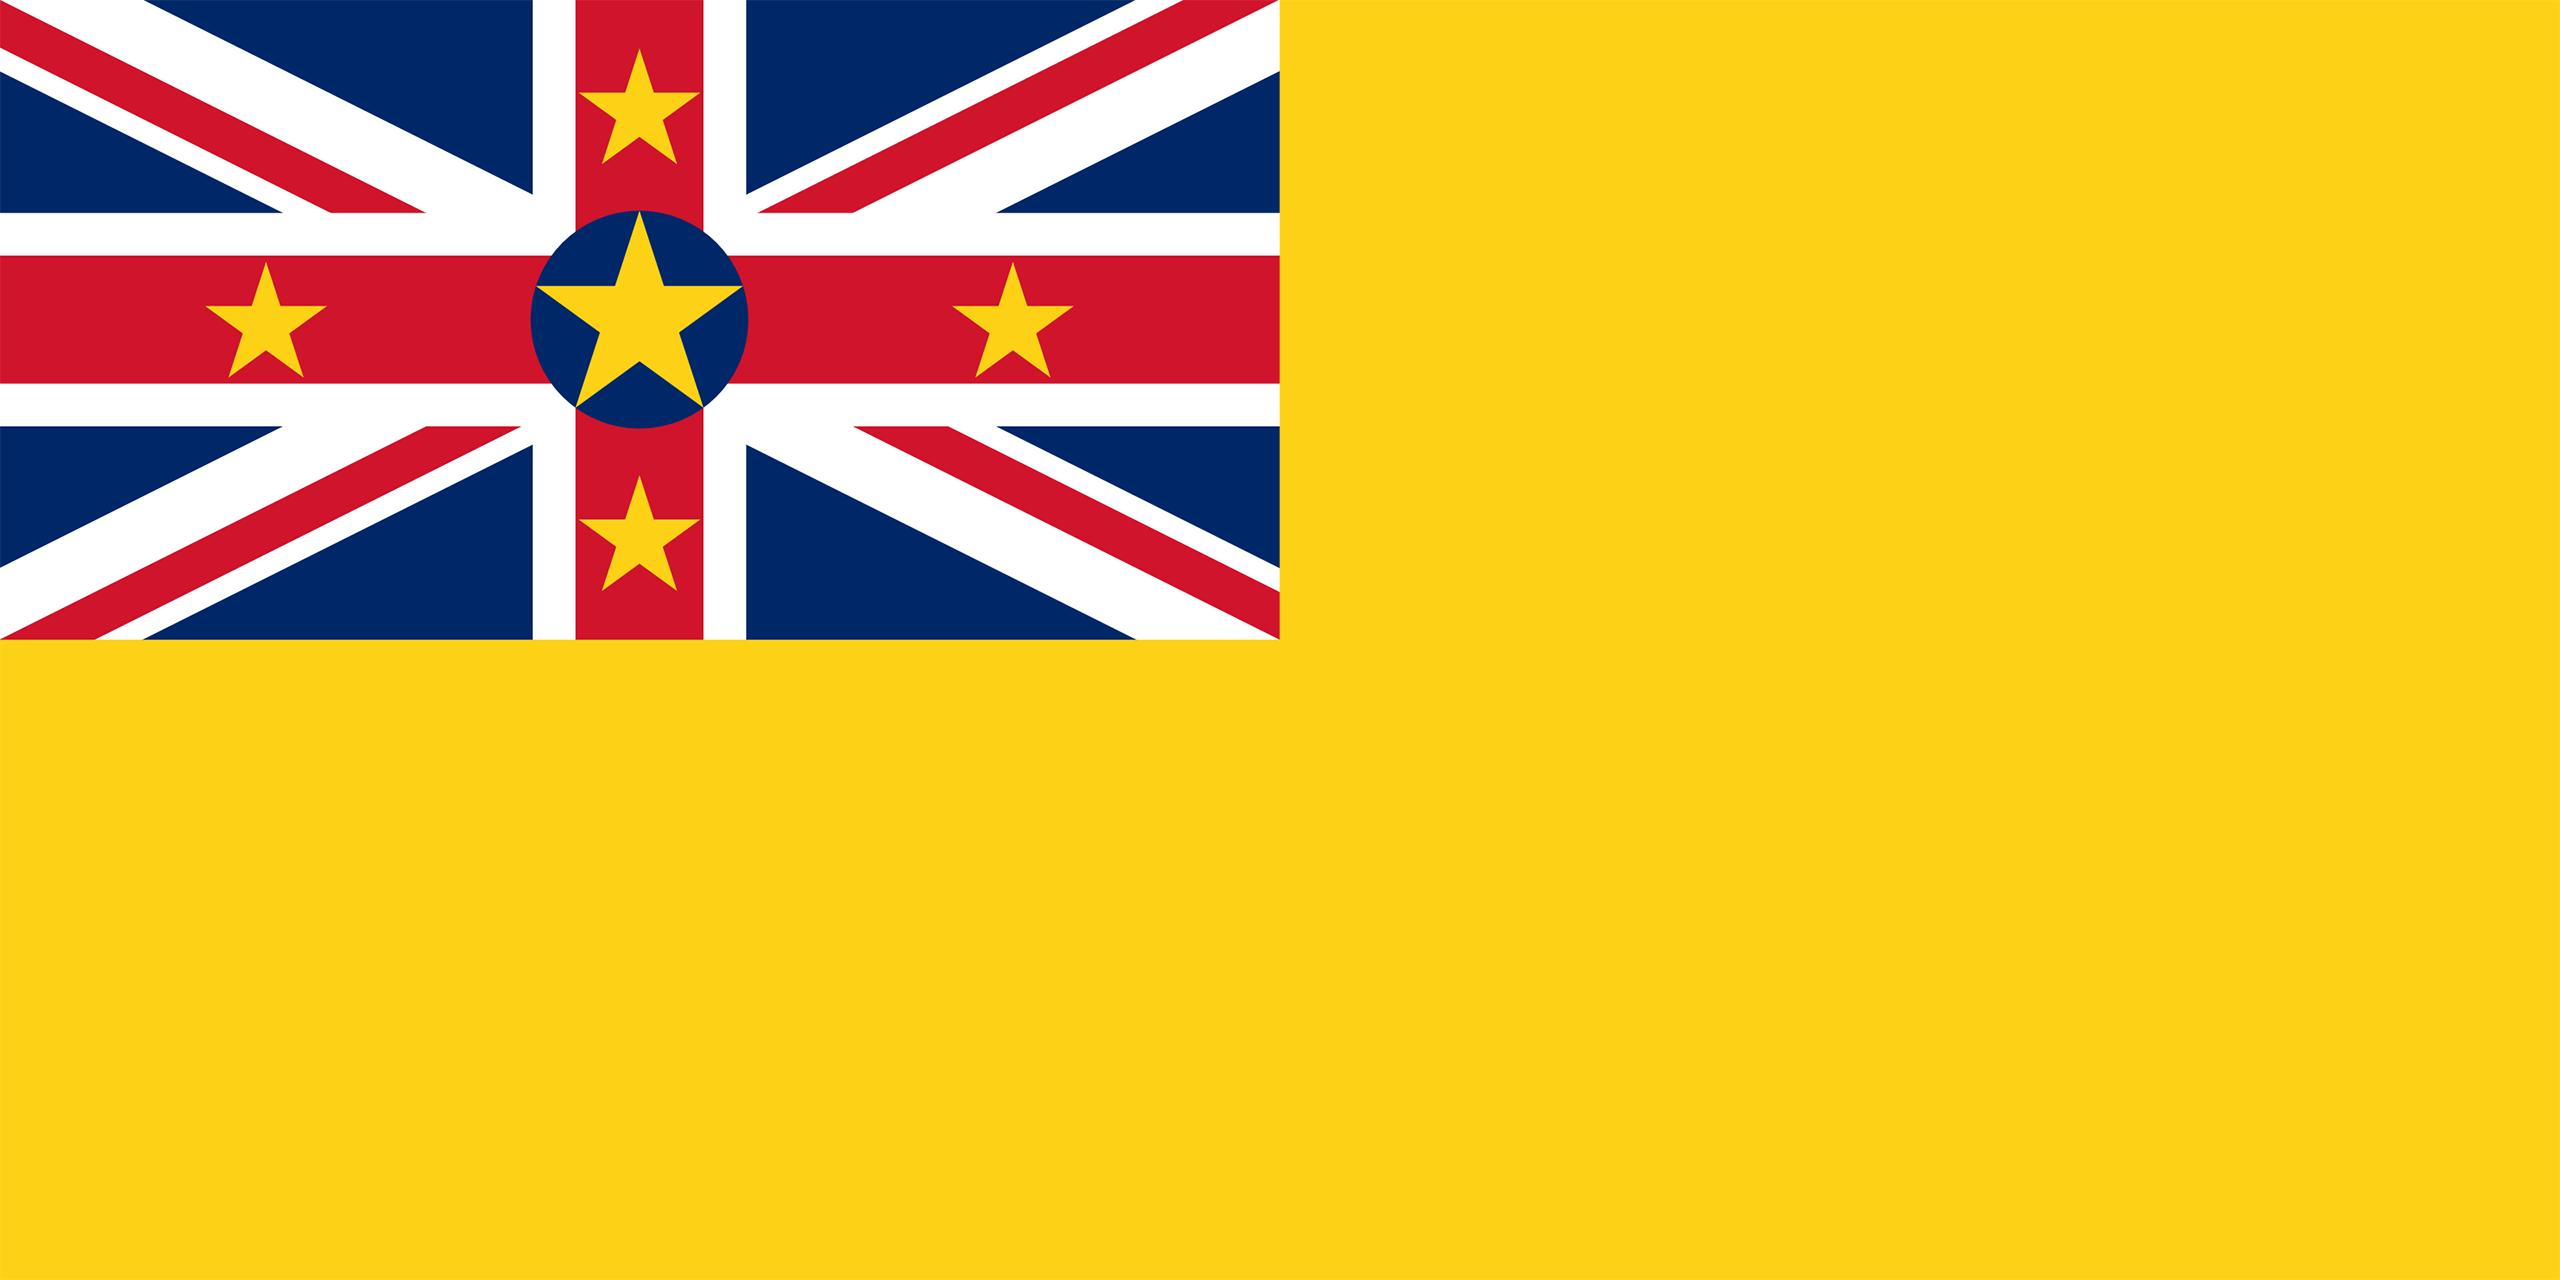 niue, país, emblema, insignia, símbolo - Fondos de Pantalla HD - professor-falken.com